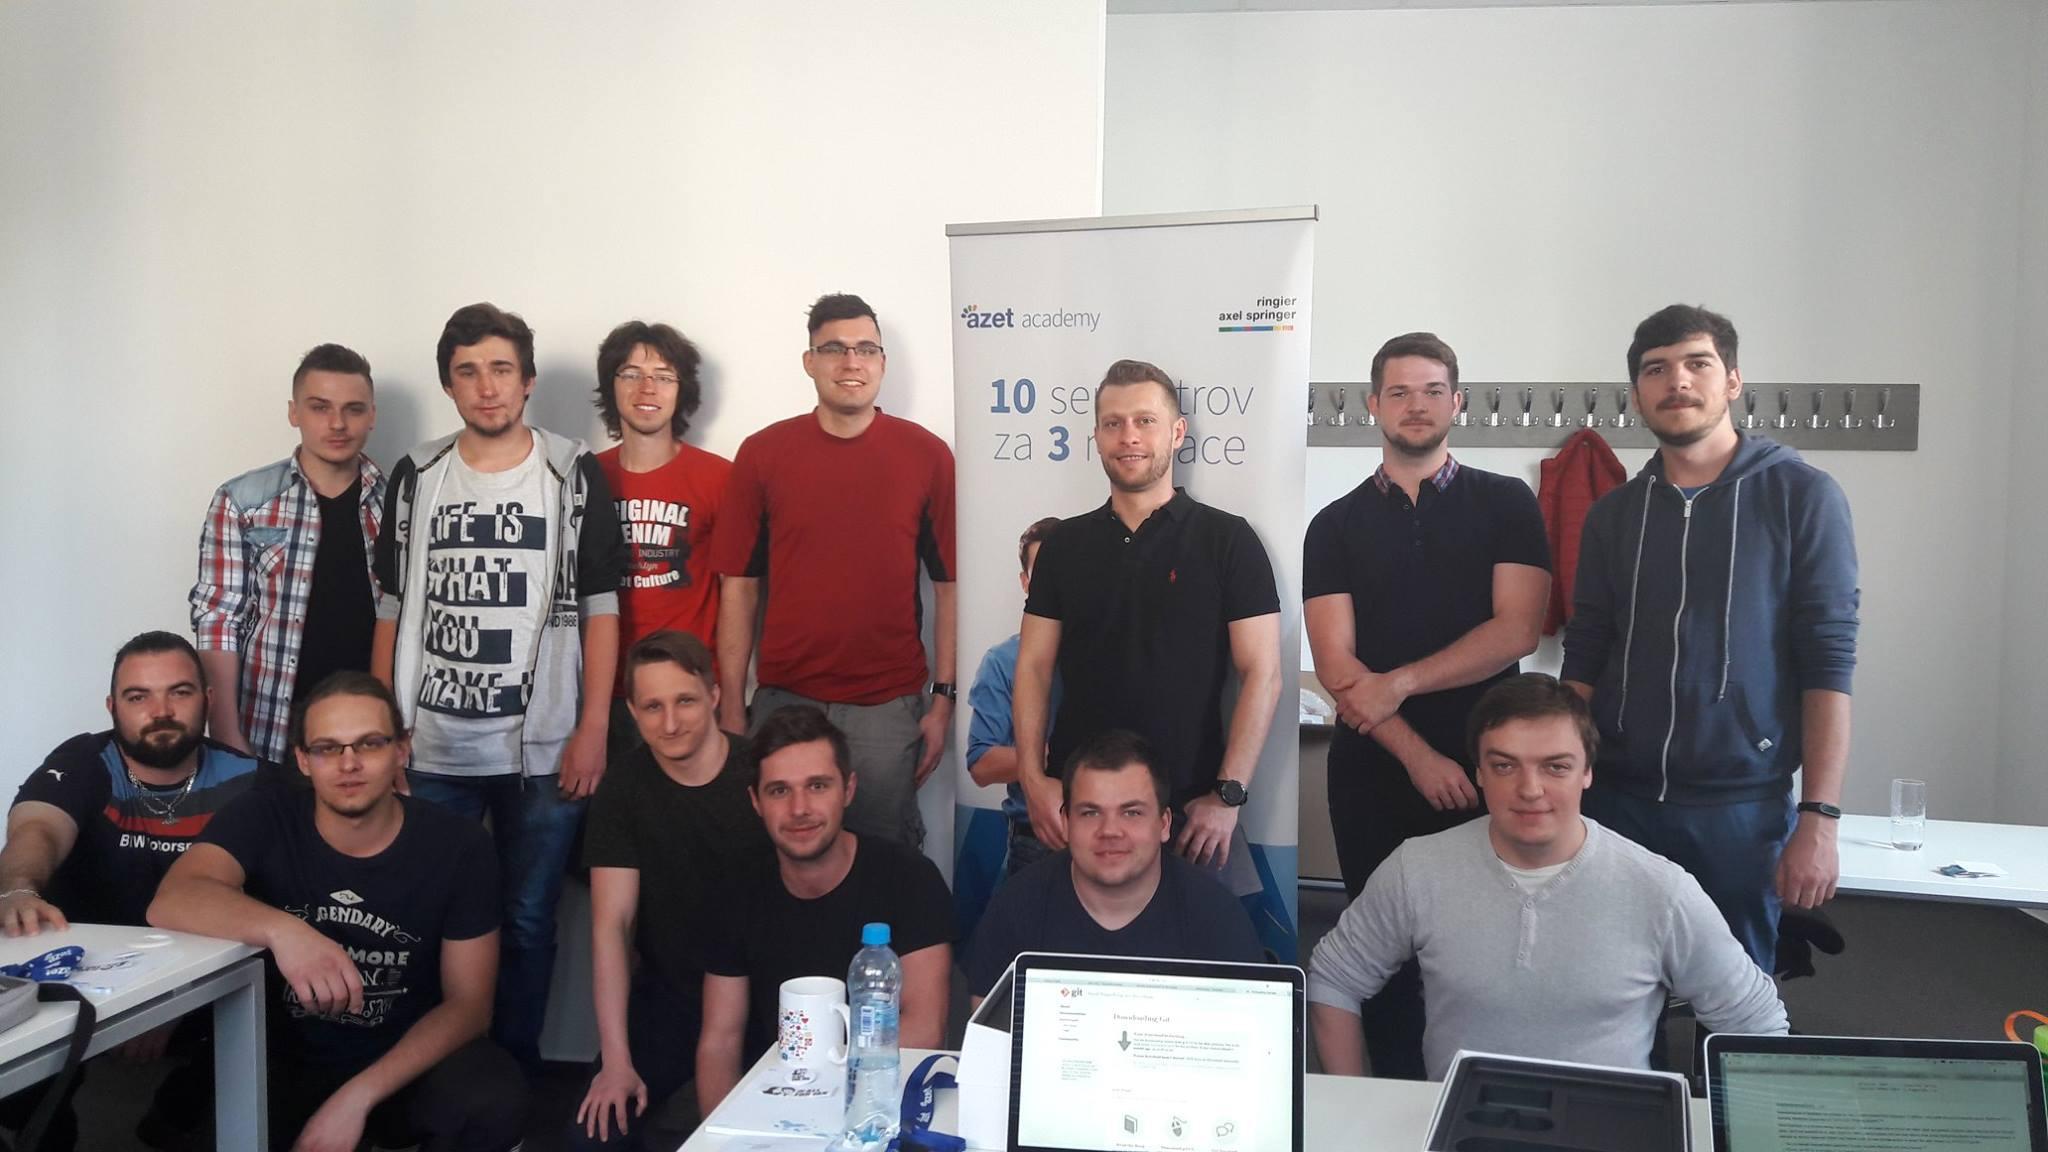 Účastníci Azet academy